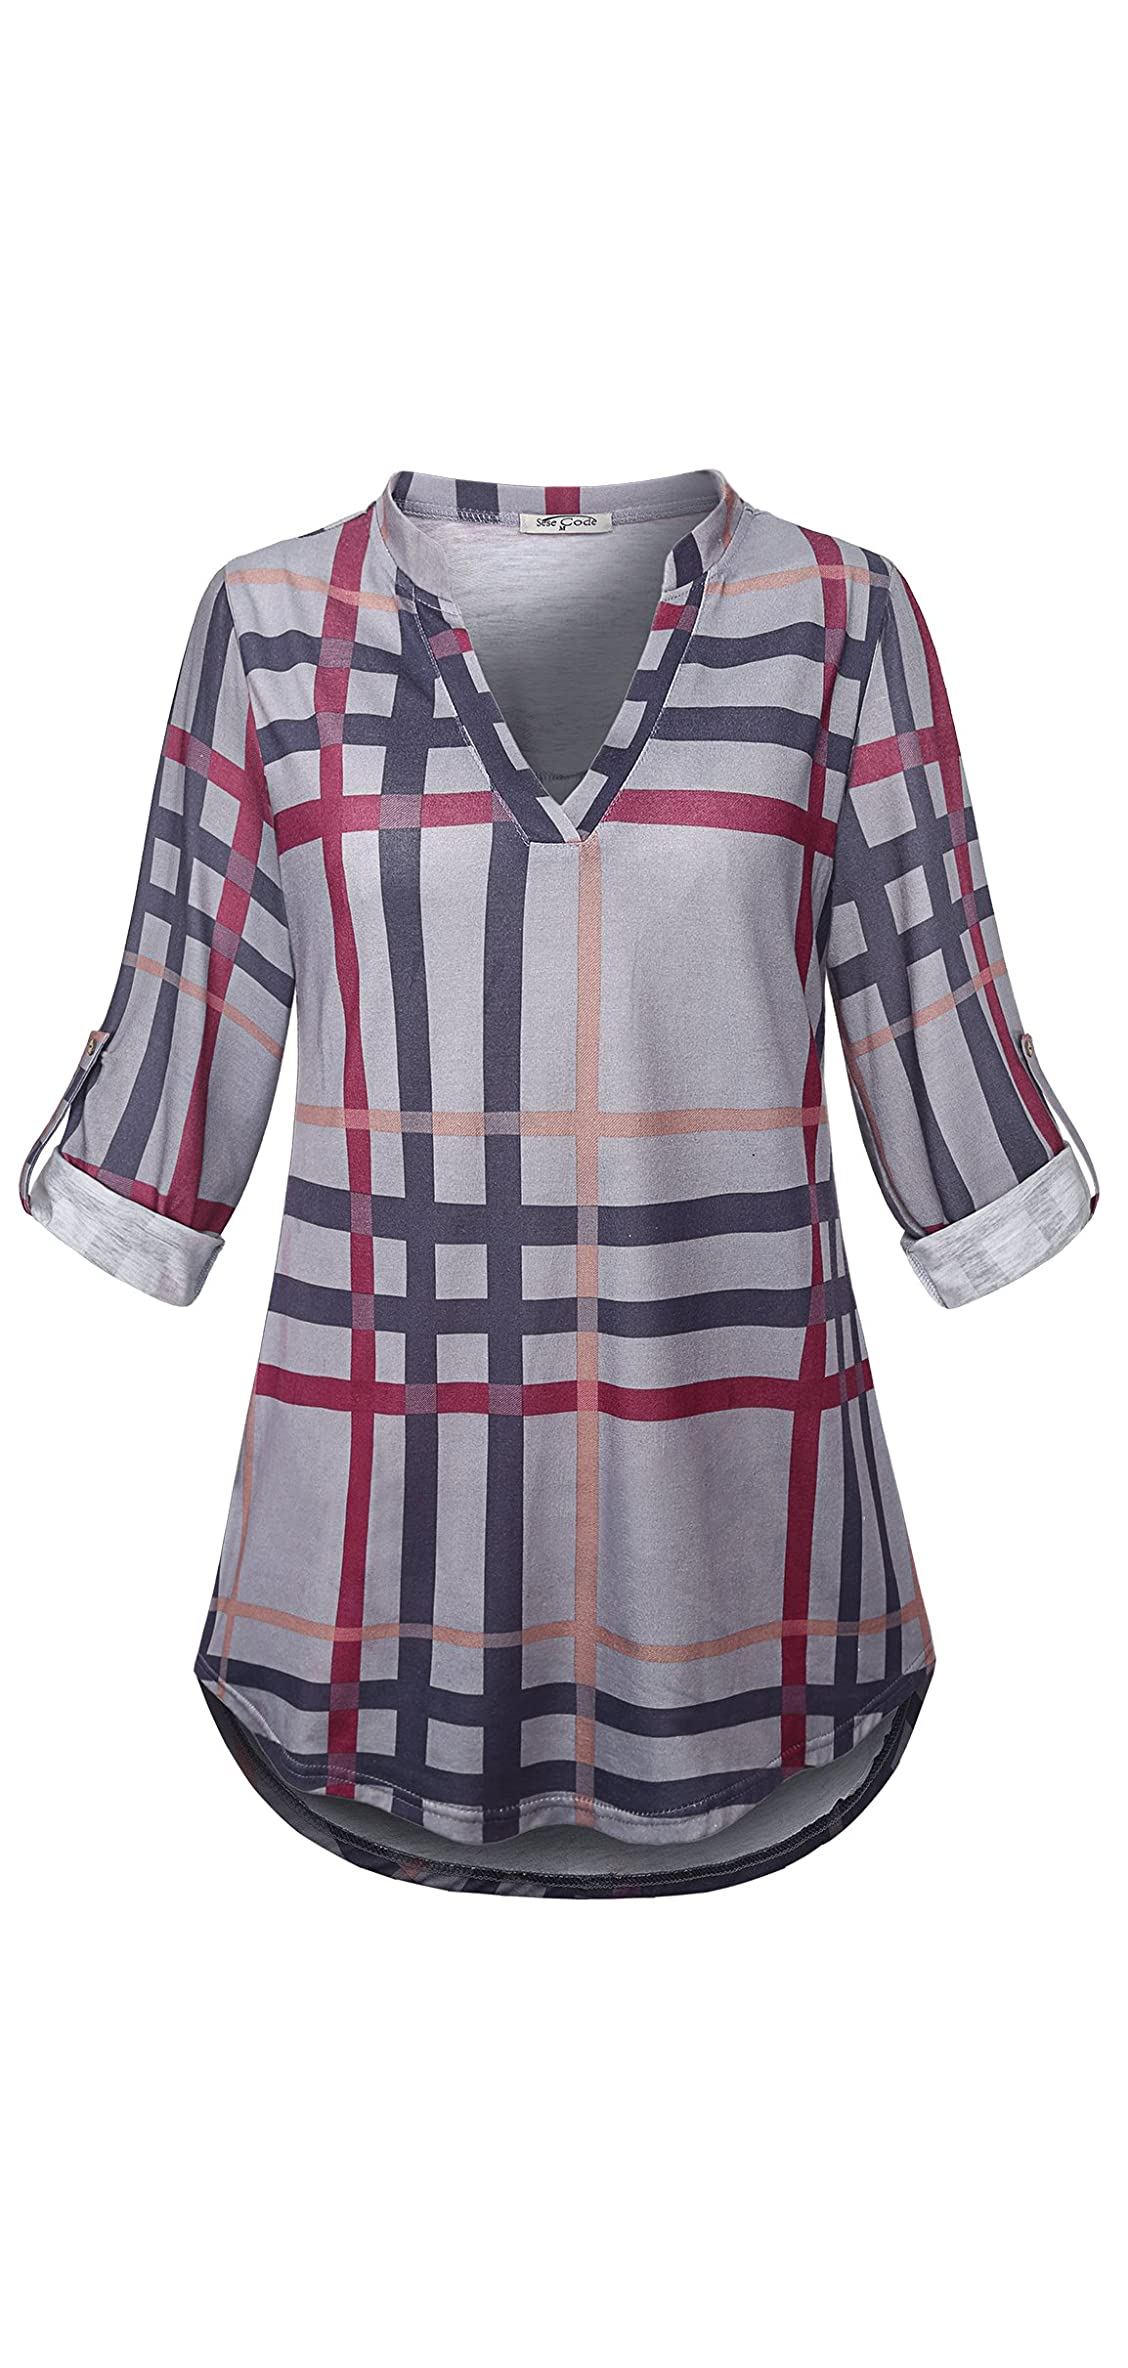 Womens / Roll Sleeve Shirt Notch Neck Loose Tops